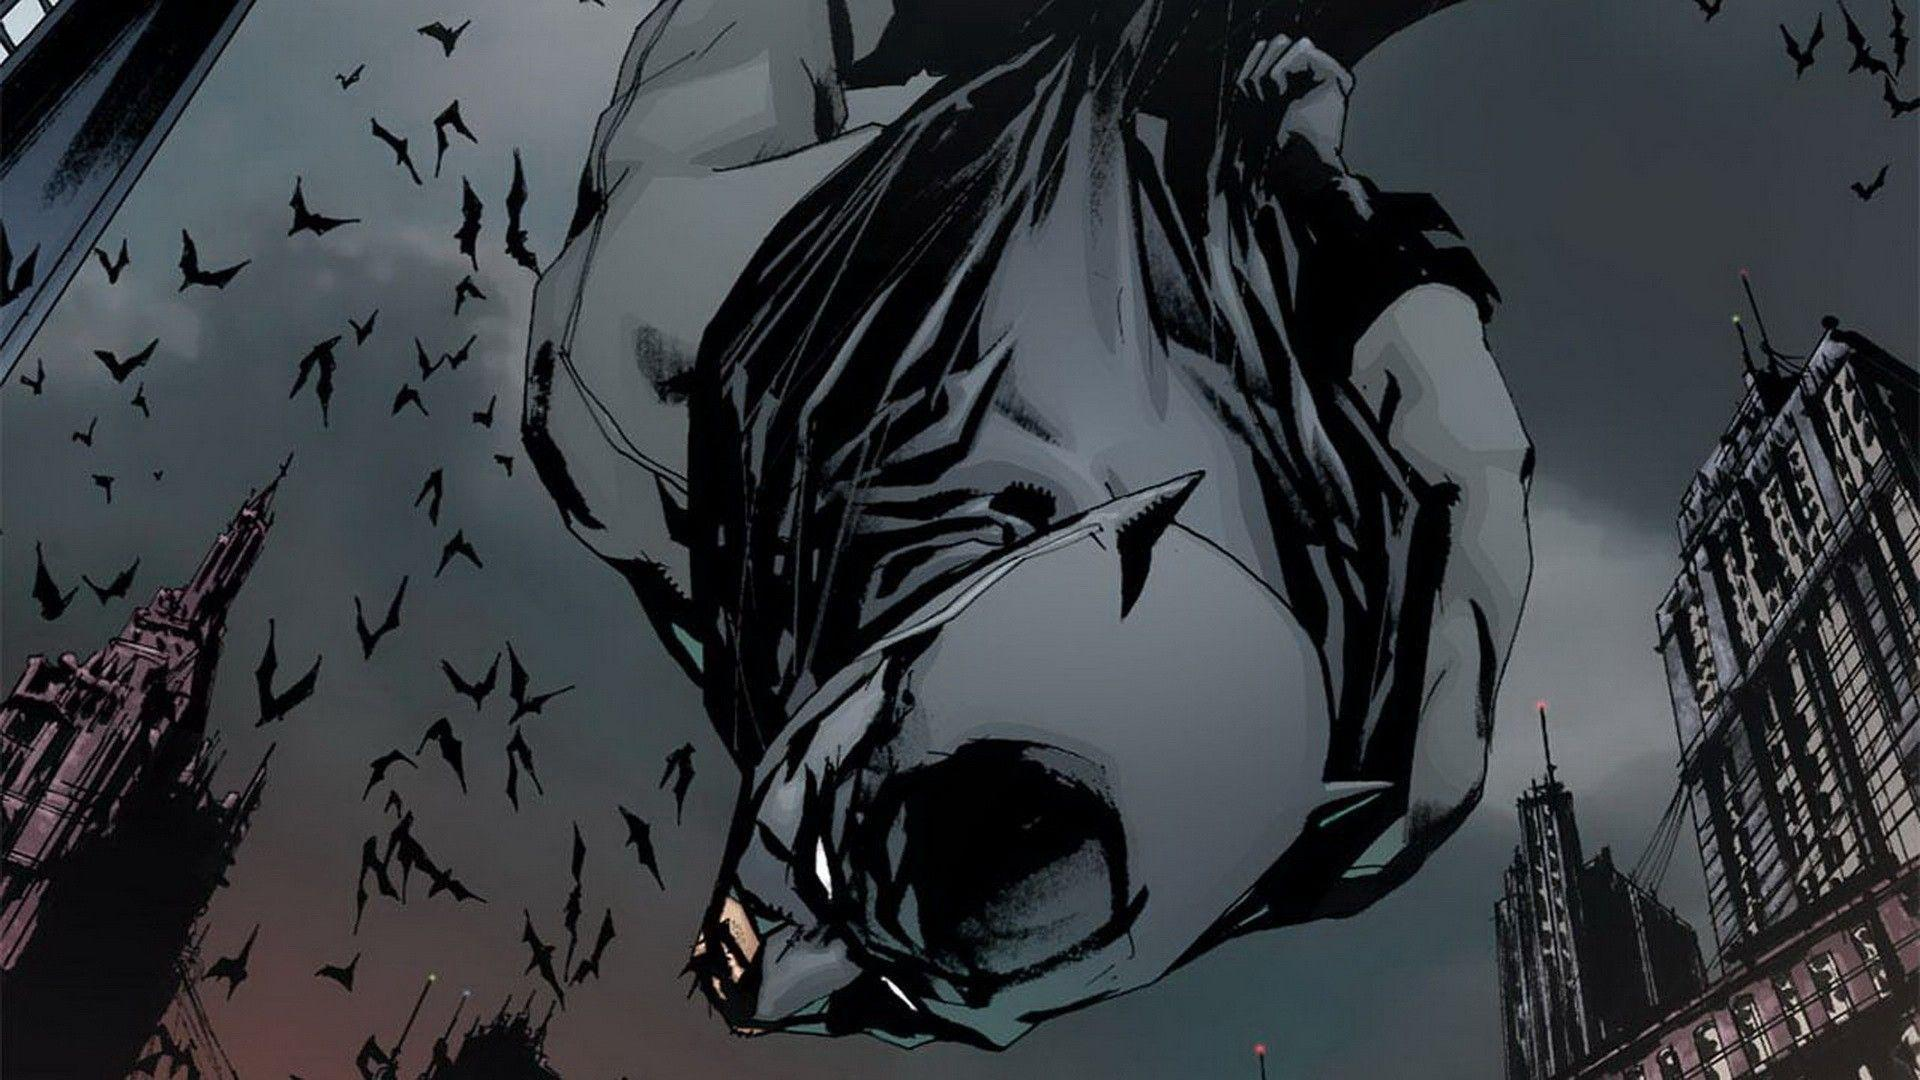 wallpaper comics batman - photo #11